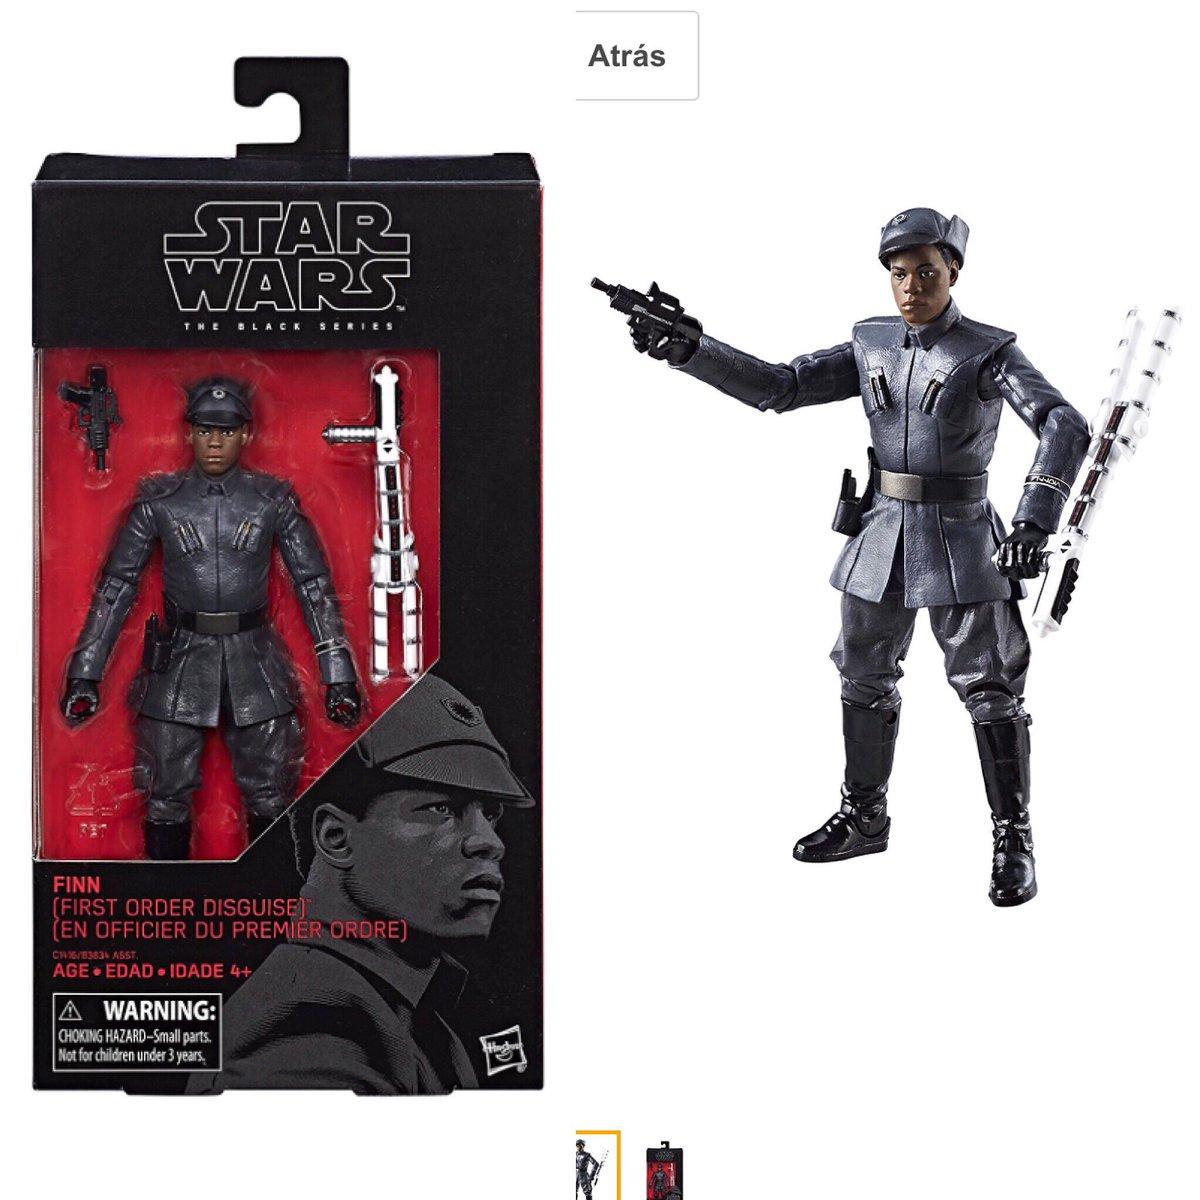 Star Wars: The Last Jedi's Finn Figure